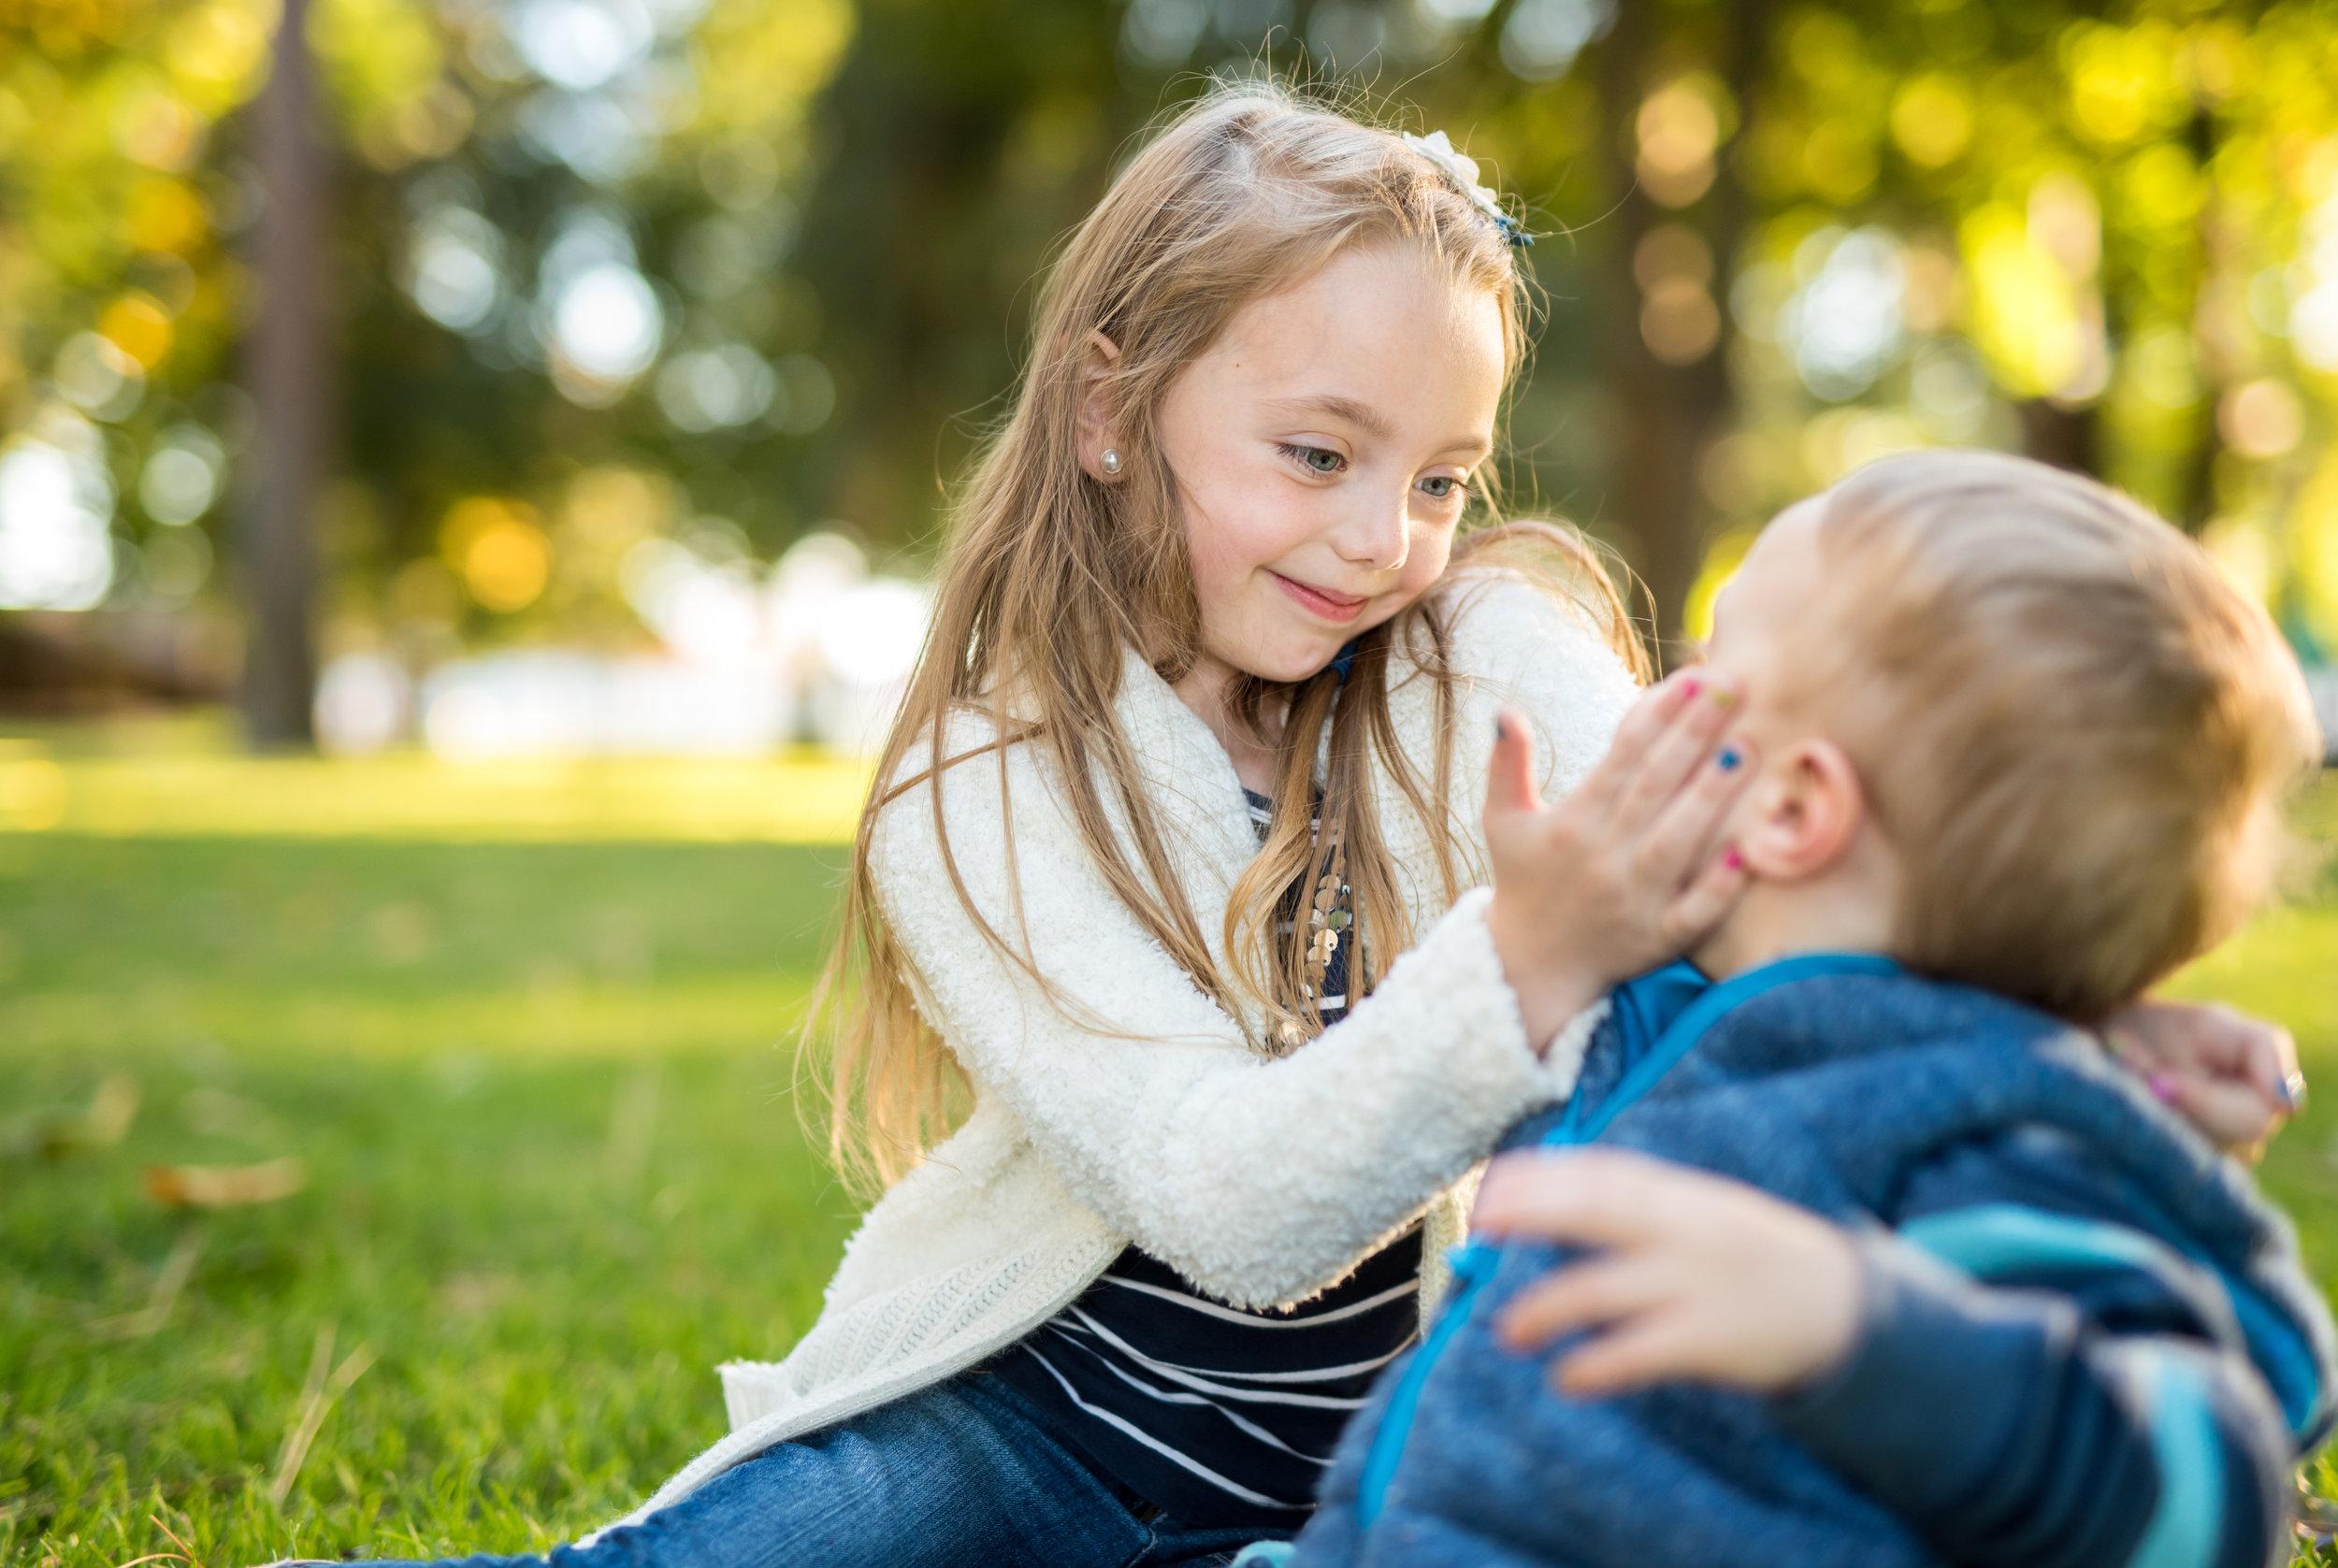 kids smiling at camera coeur d alene idaho